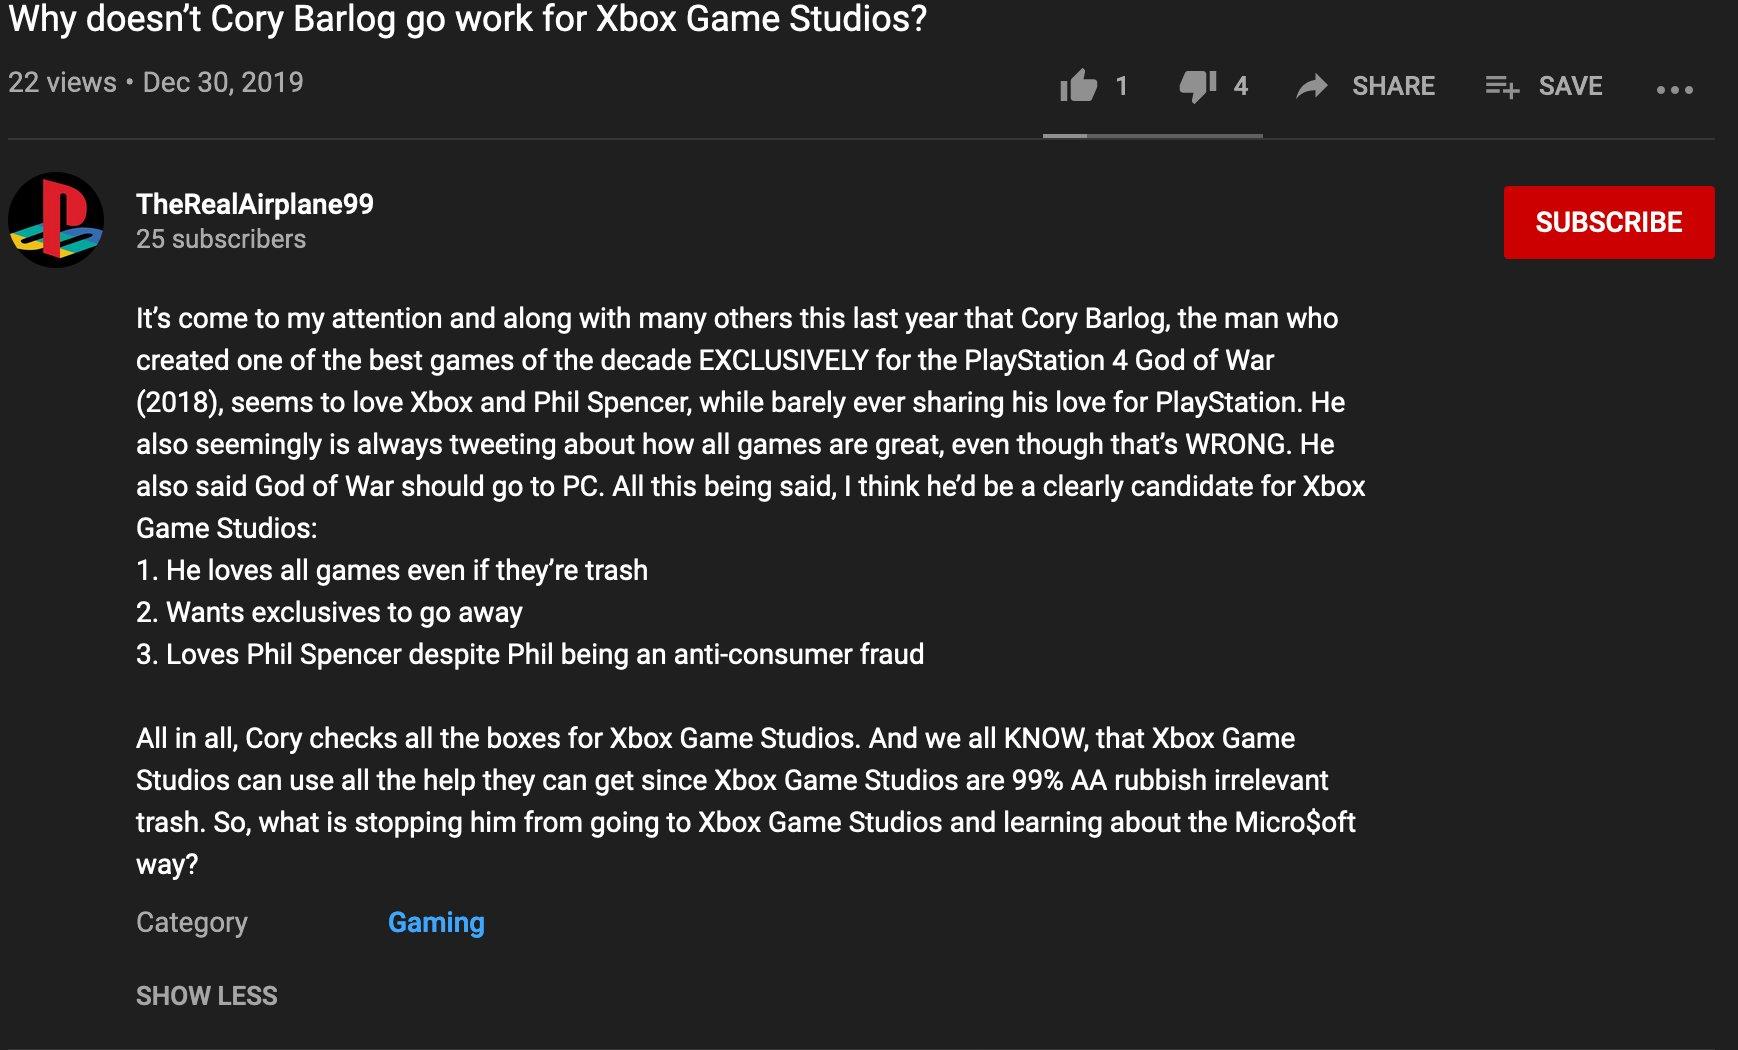 传闻称《战神4》制作人要加盟微软 本人回复了